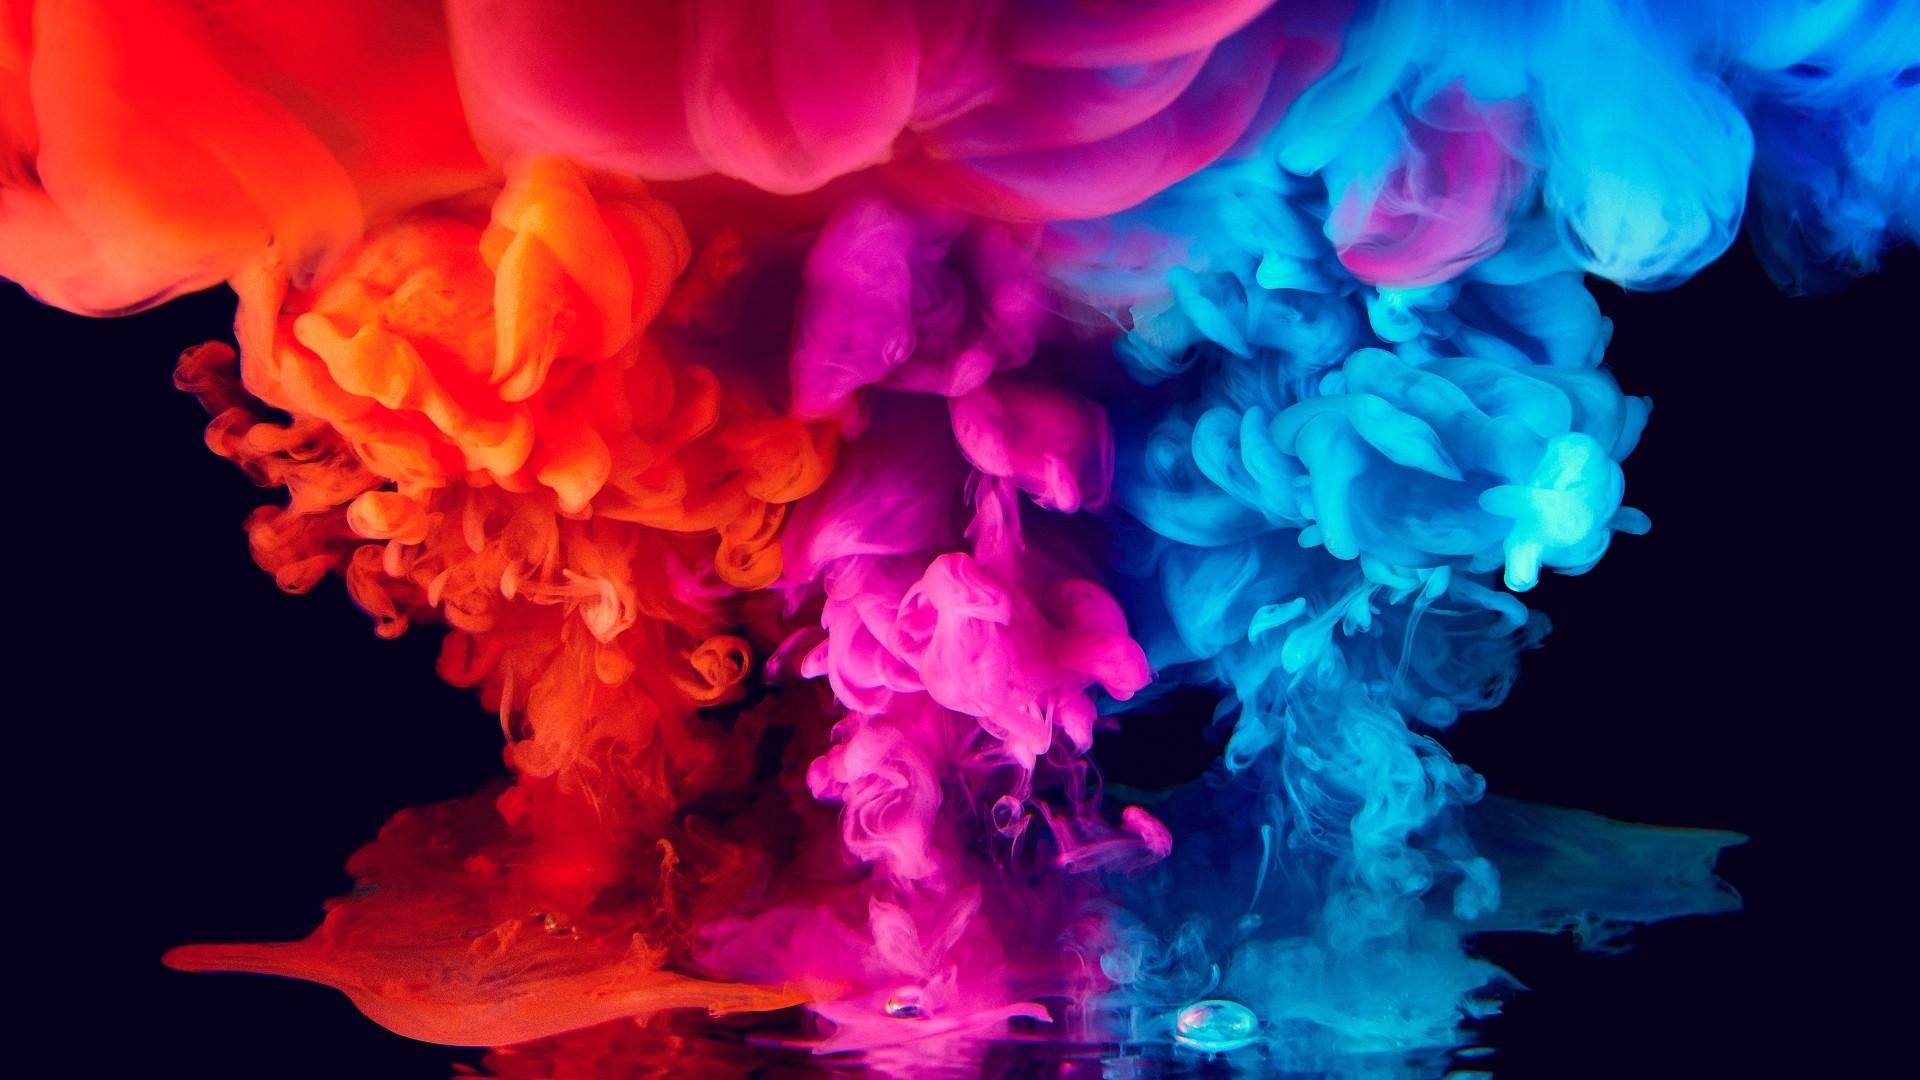 Smoke Wallpaper Picture hd